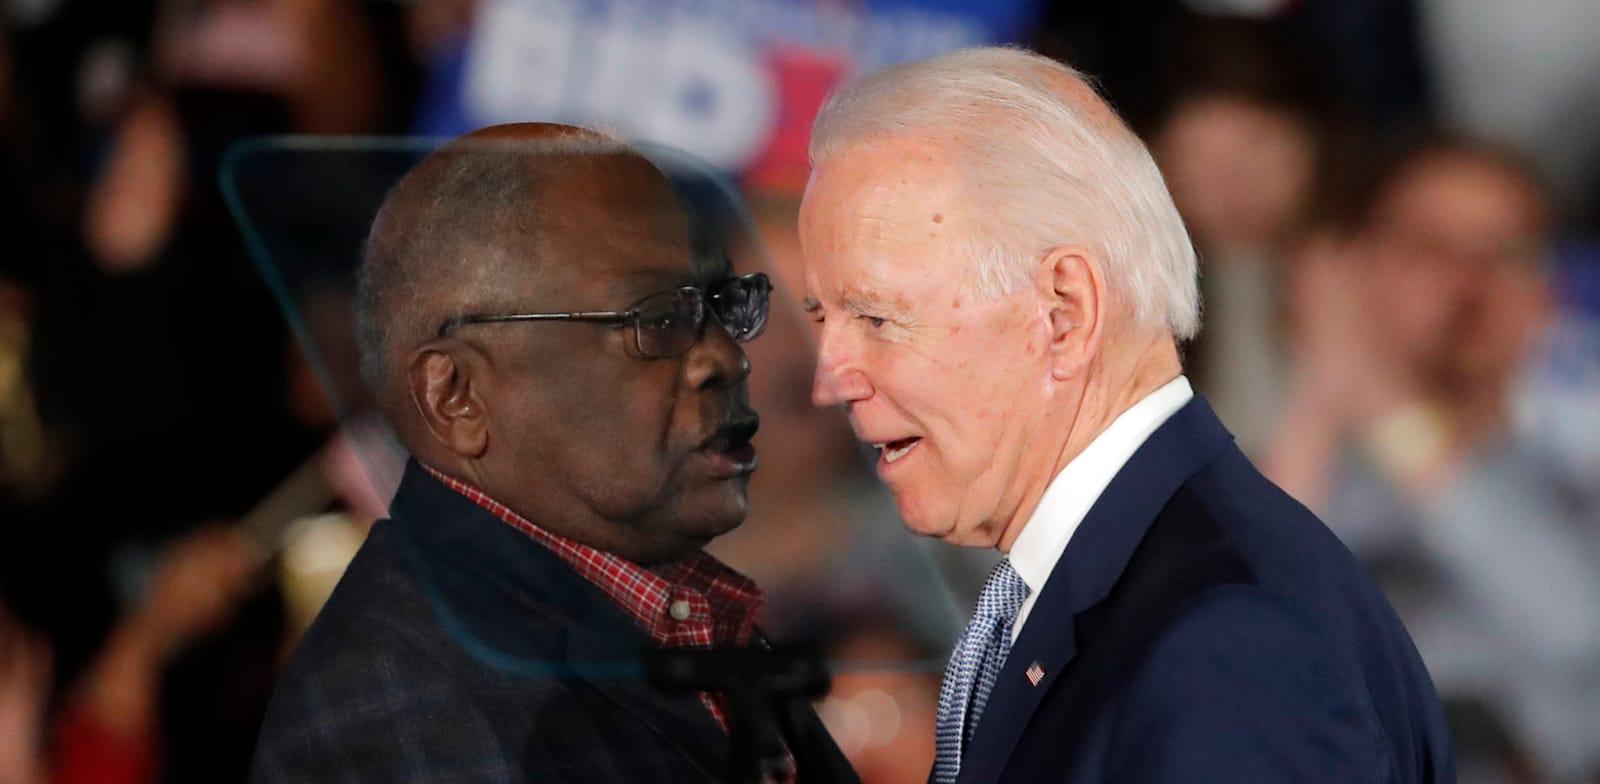 ג'יימס קלייבורן עם ג'ו ביידן / צילום: Associated Press, Gerald Herbert